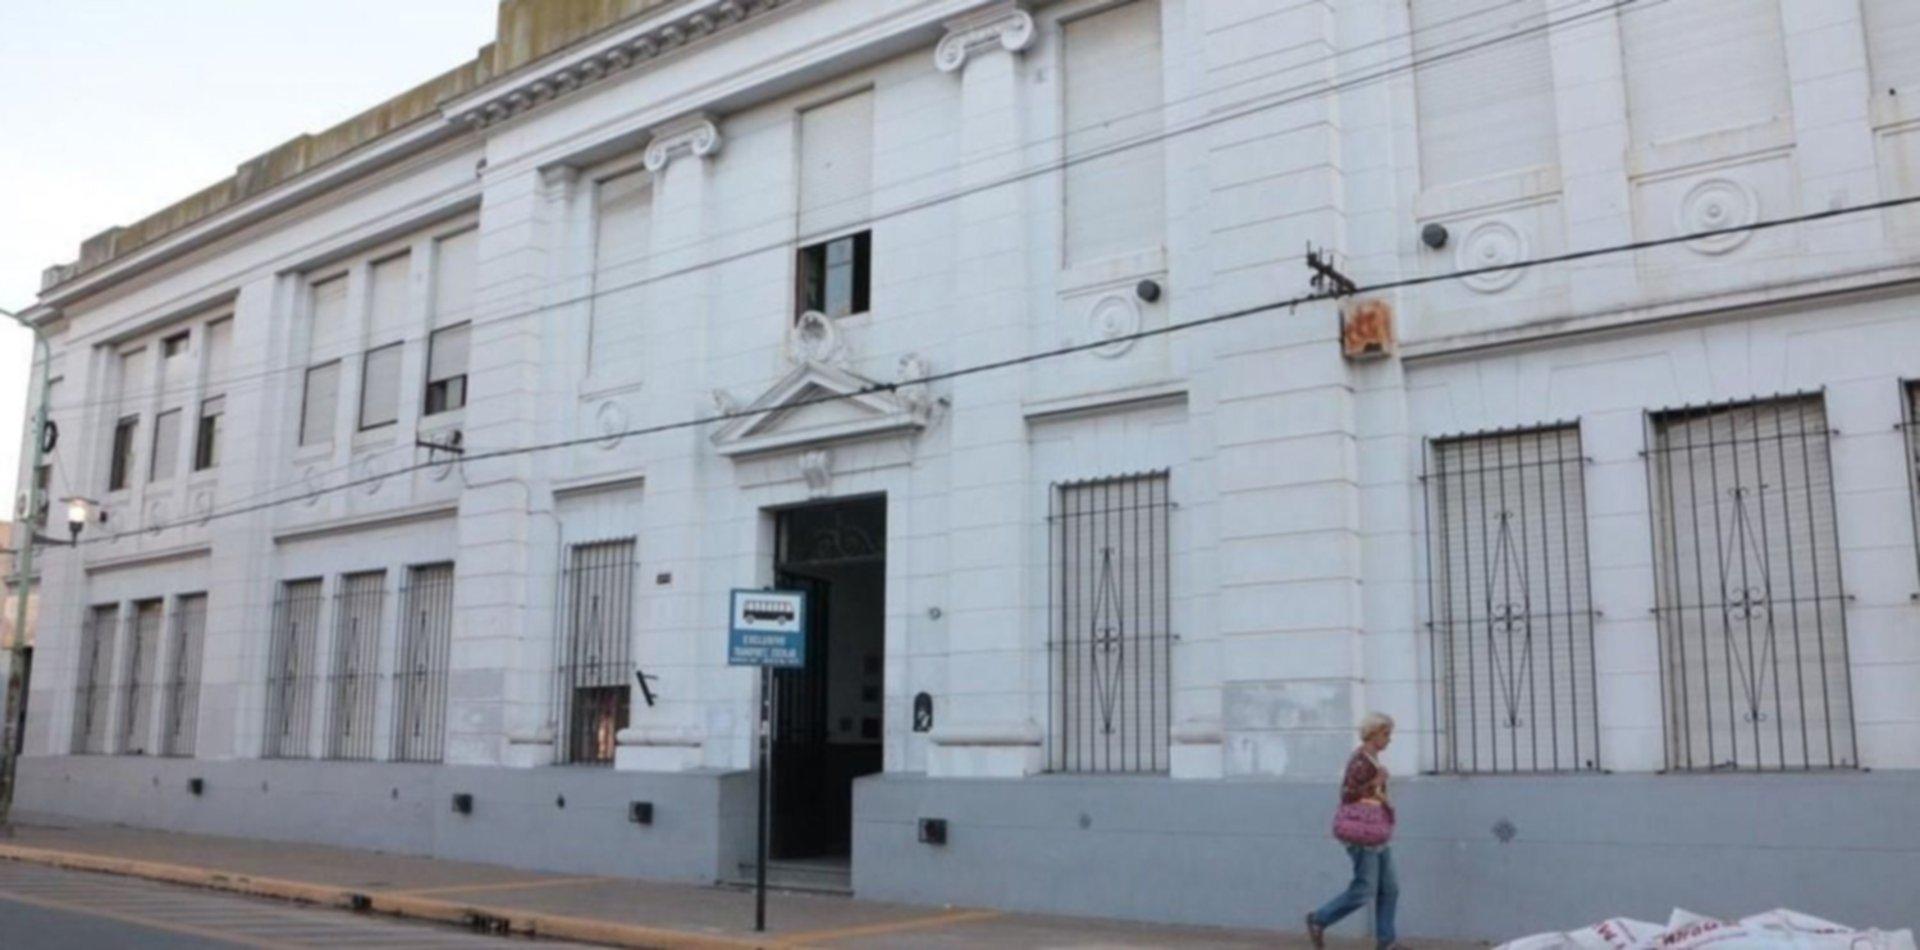 Volvió la maestra que cacheó a nenes de primer grado en Ensenada y crece el escándalo